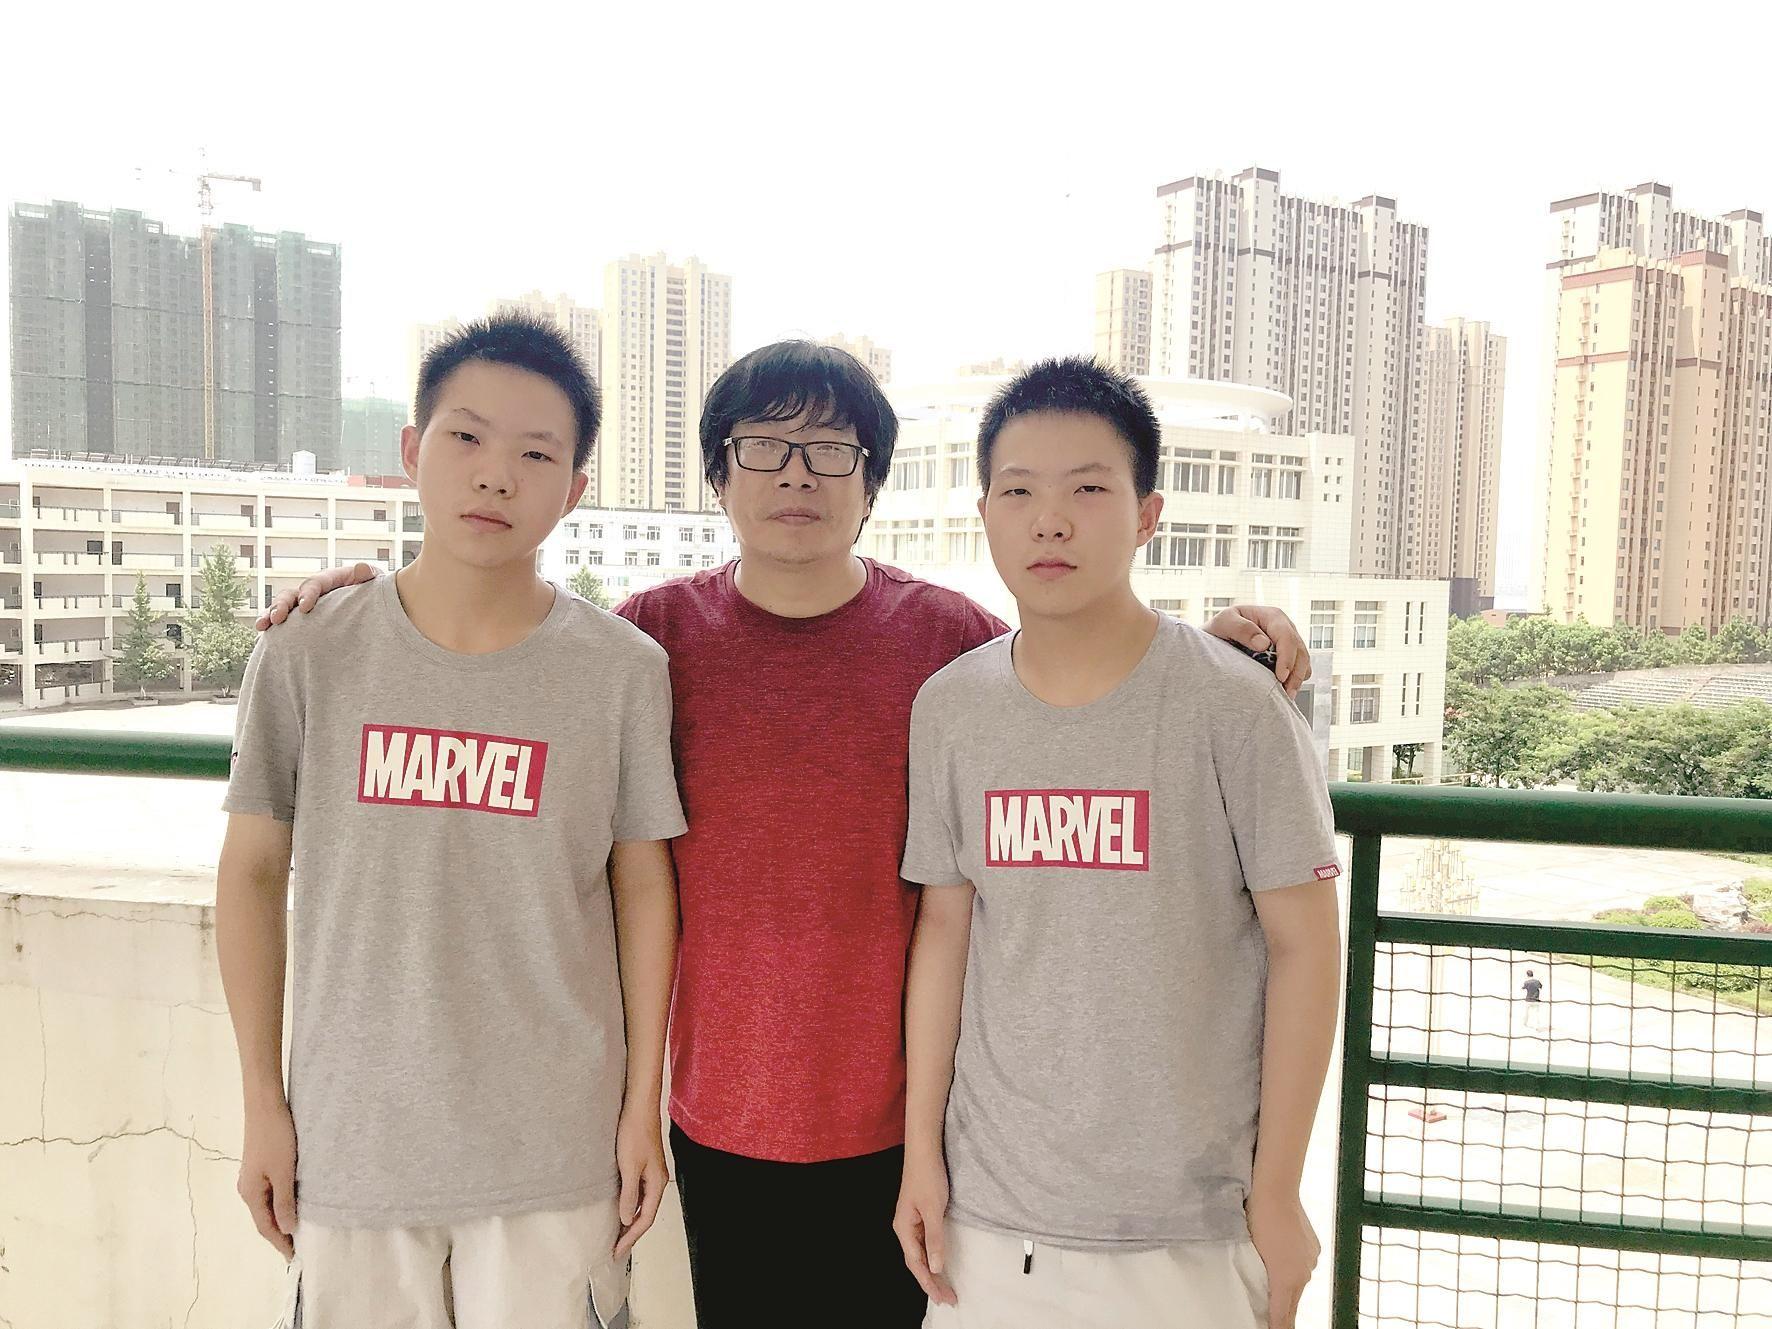 武汉双胞胎兄弟高考同获664分什么情况?终于真相了,原来是这样!